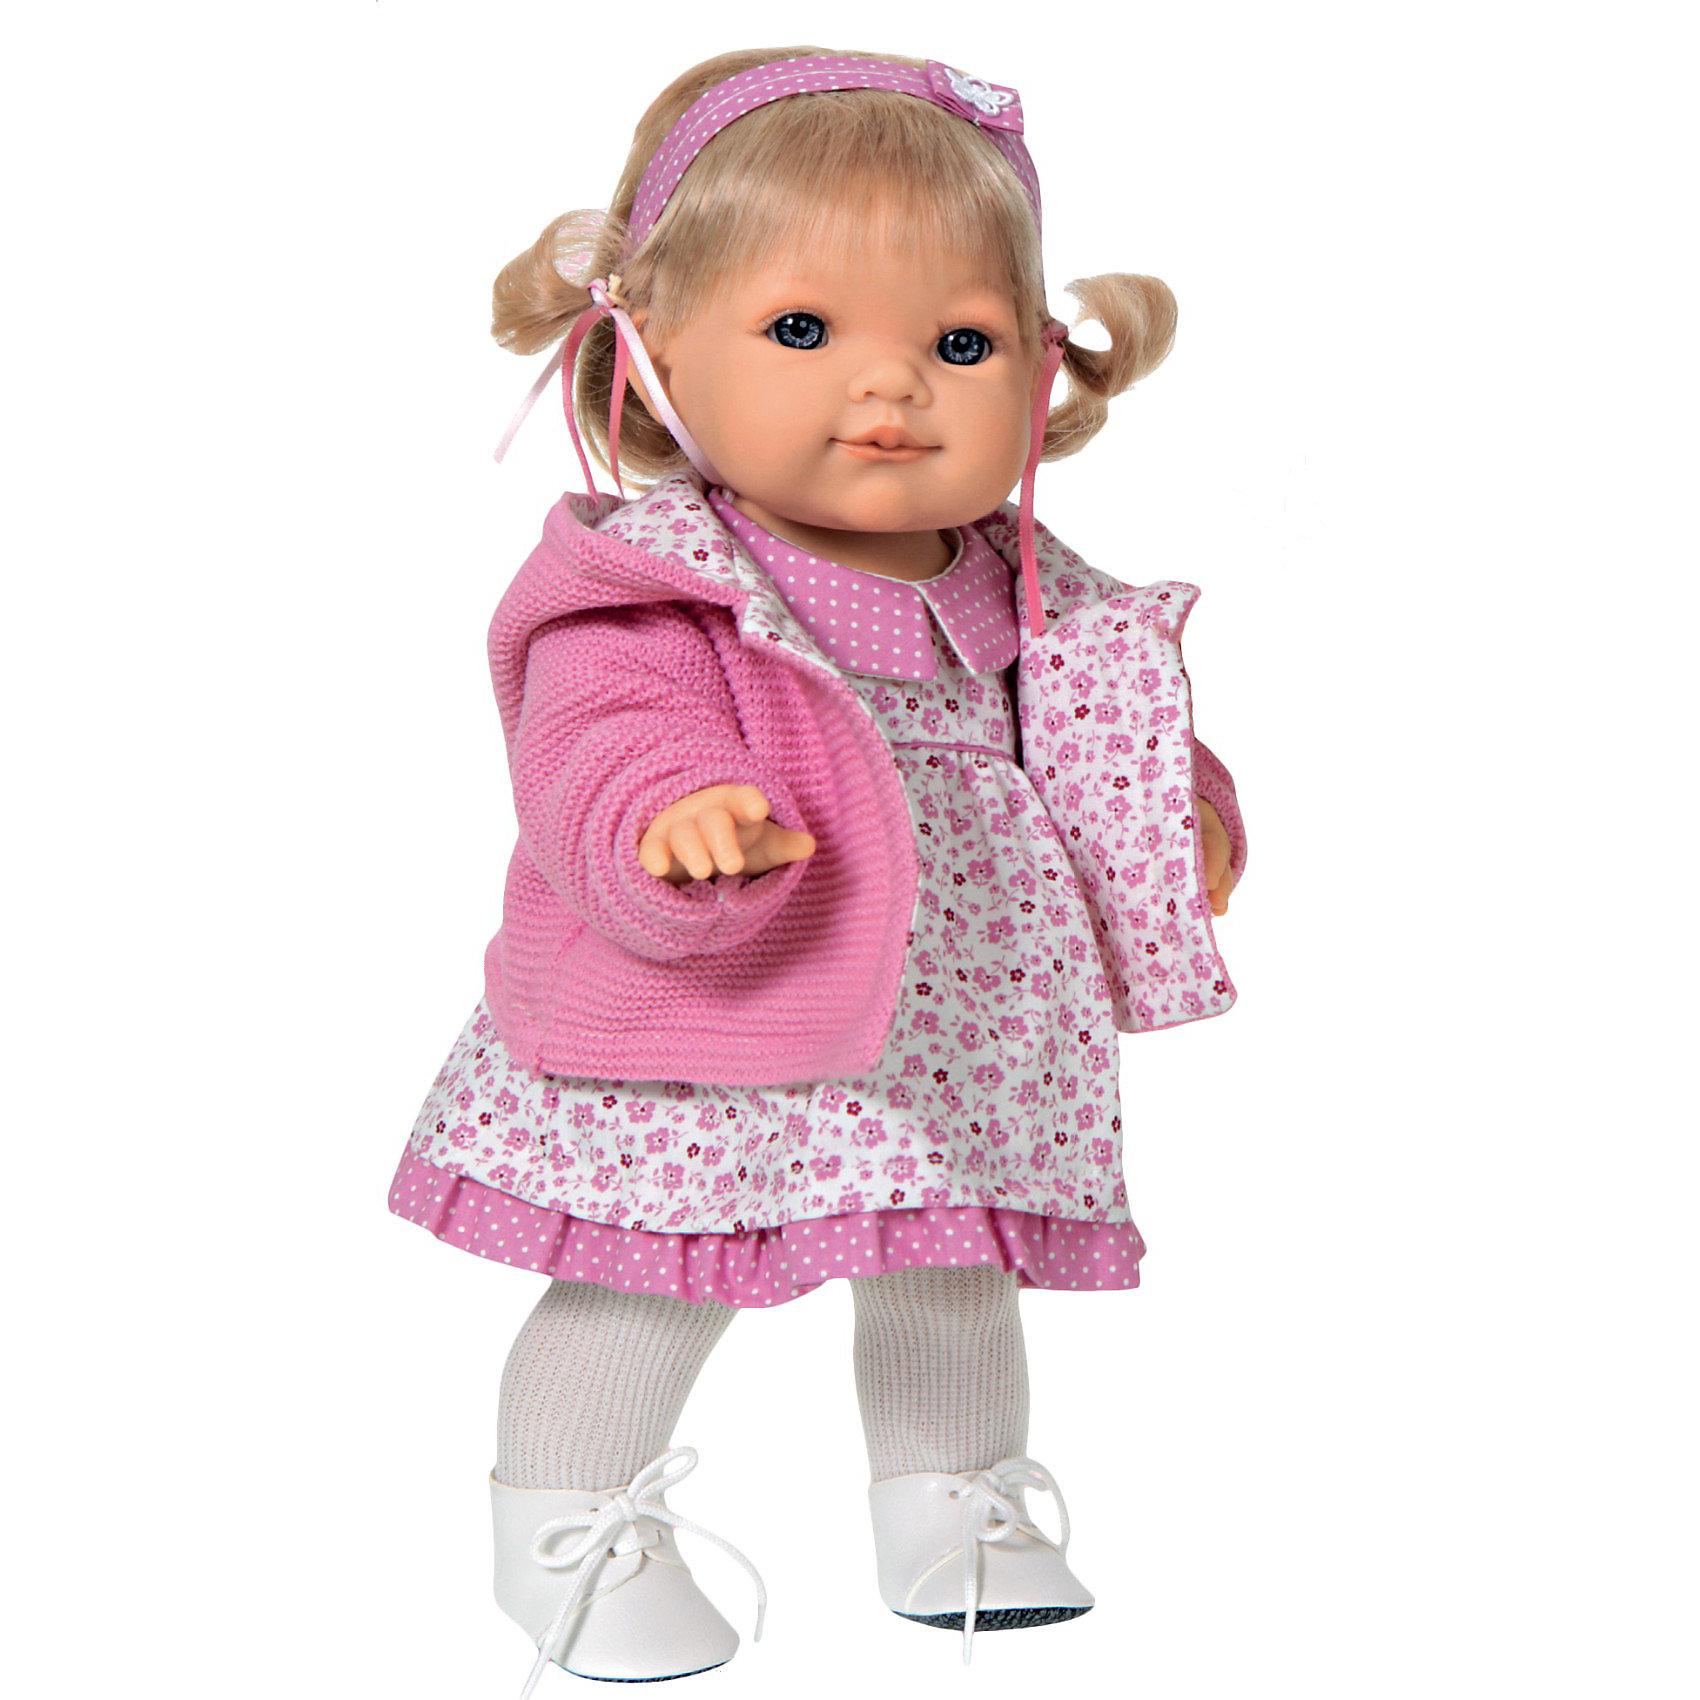 Кукла Эвита в розовом, 38 см, Munecas Antonio JuanИдеи подарков<br>Кукла Эвита в розовом, 38 см, JUAN ANTONIO munecas (ХУАН АНТОНИО мунекас) – это качественные игрушки из Испании, популярные во всем мире.<br>Кукла Эвита такая милая и очаровательная, что не оставит равнодушным ни ребенка, ни взрослого. Эта кукла-малышка Эвита совсем как настоящая маленькая девочка, со своей мимикой, складочками на теле и цвету кожи. Малышка Эвита – озорная девушка, любящая активные игры на свежем воздухе. Она не за что не замерзнет на прогулке, потому что тепло одета. На кукле одето платьице с отложным воротничком, вязаная кофточка, теплые колготки, ботиночки на шнурках. У куклы светлые волосы, собранные в озорные хвостики и голубые глаза. Образы кукол-малышей разработаны известными дизайнерами кукол. Куклы натуралистичны, анатомически точны, с подвижными ручками и ножками, копируют настоящих младенцев. Кукла изготовлена из высококачественного эластичного винила.<br><br>Дополнительная информация:<br><br>- Глаза куклы не закрываются<br>- Высоты куклы: 38 см.<br><br>Куклу Эвита в розовом, 38 см, JUAN ANTONIO munecas (ХУАН АНТОНИО мунекас) можно купить в нашем интернет-магазине.<br><br>Ширина мм: 120<br>Глубина мм: 250<br>Высота мм: 440<br>Вес г: 1250<br>Возраст от месяцев: 36<br>Возраст до месяцев: 72<br>Пол: Женский<br>Возраст: Детский<br>SKU: 3777972